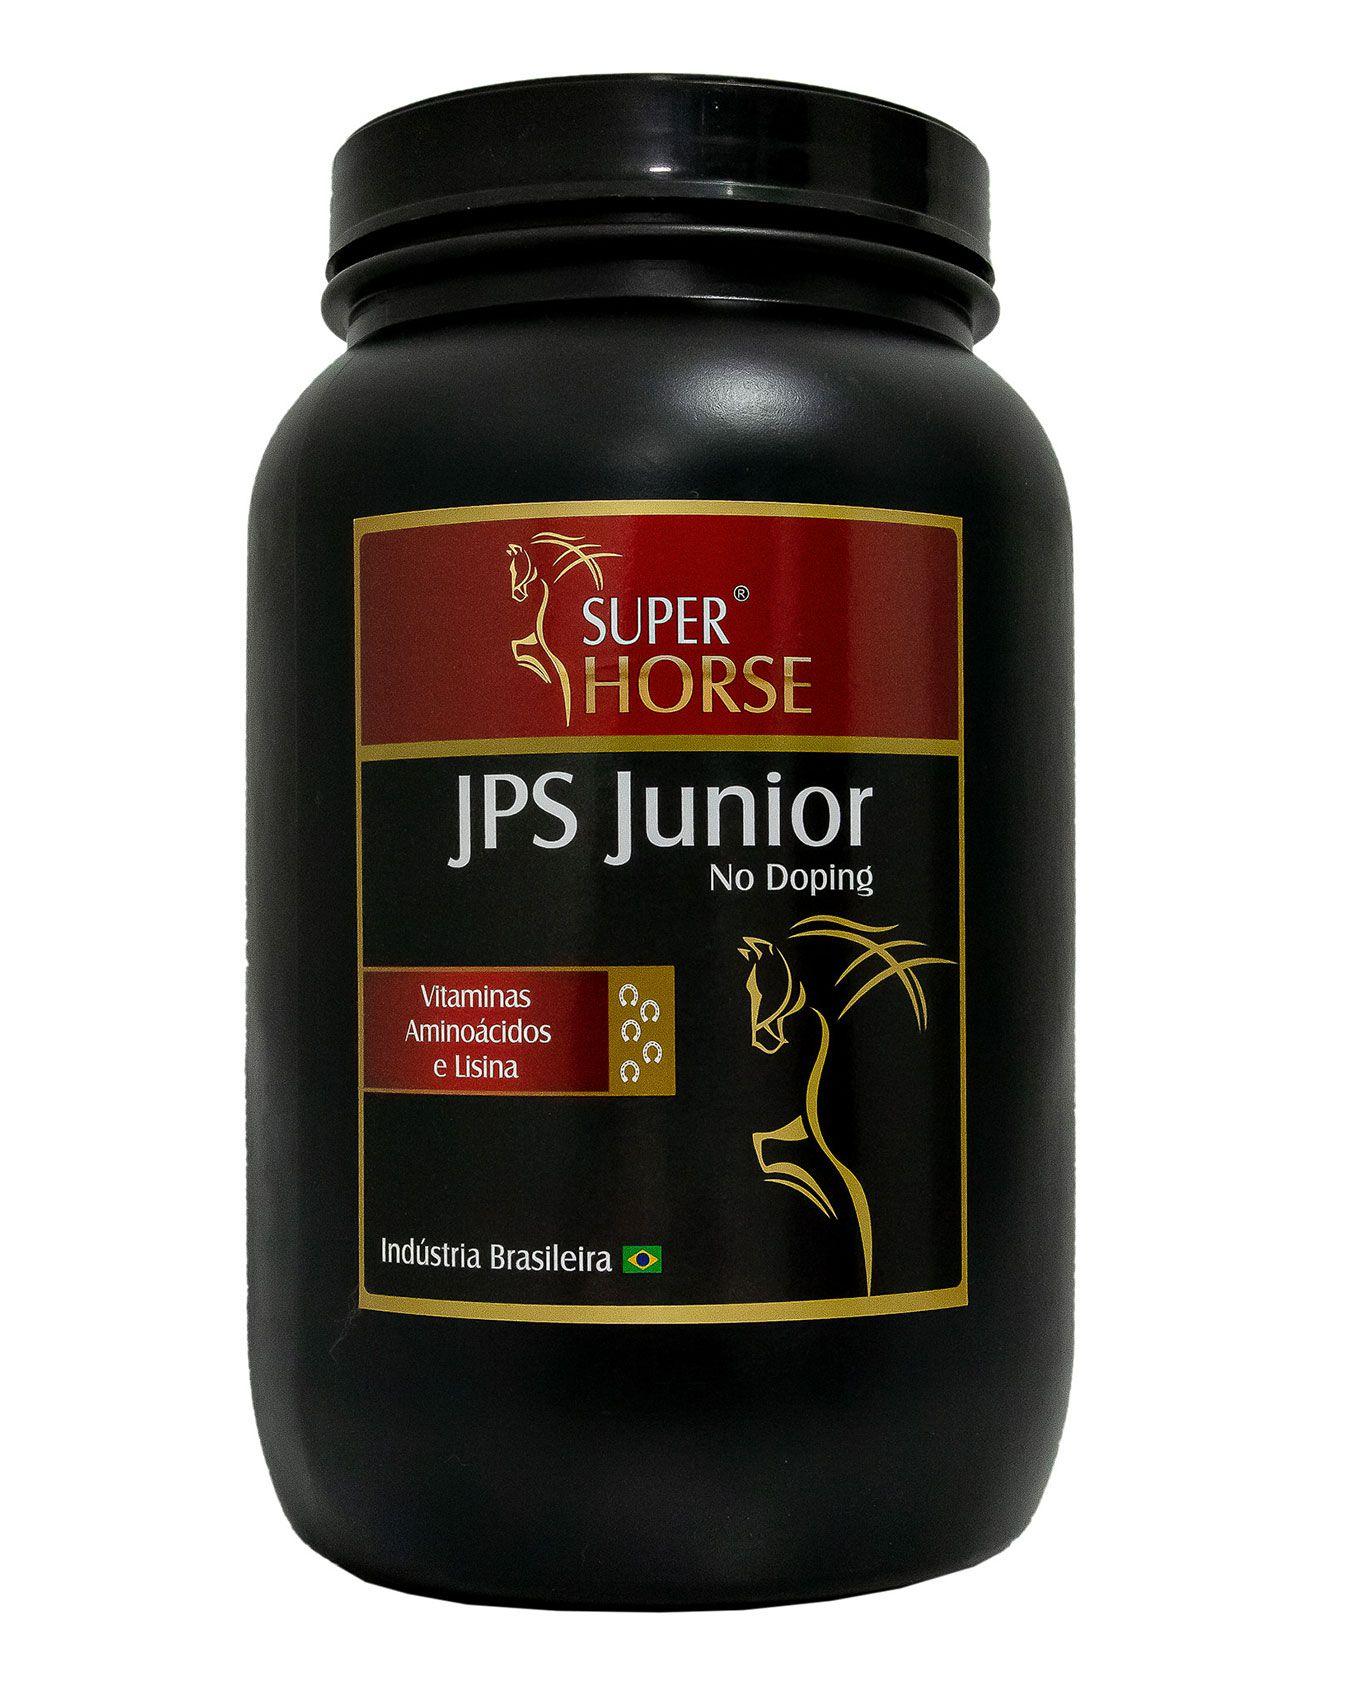 Super Horse JPS Junior, 1 kg rende em até 40 dias.